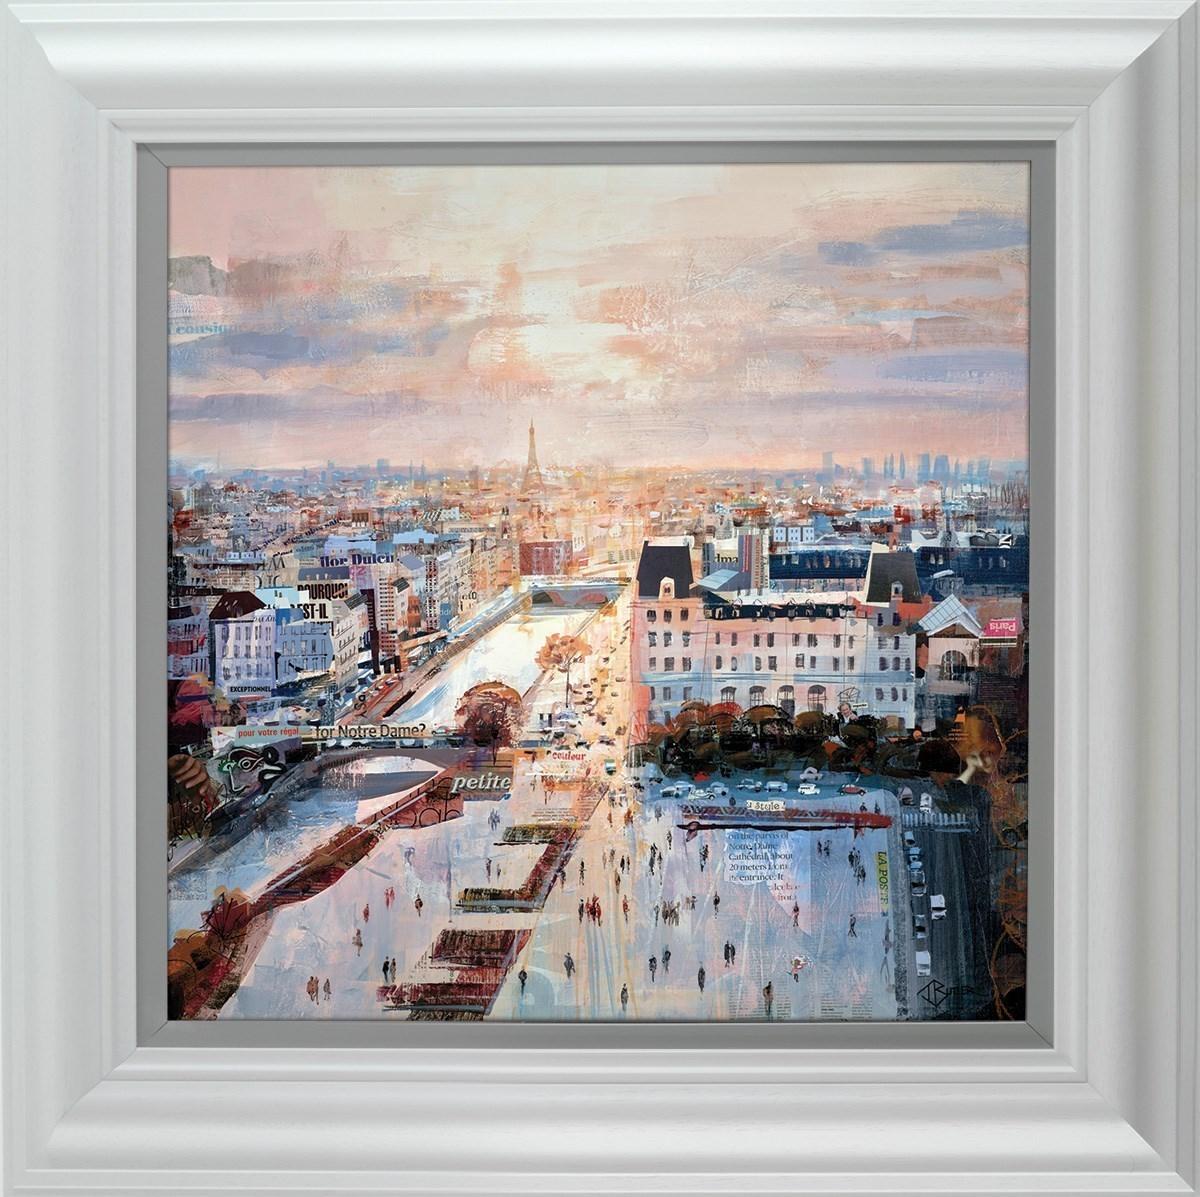 Rooftop-Reverie-framed-by-Tom-Butler